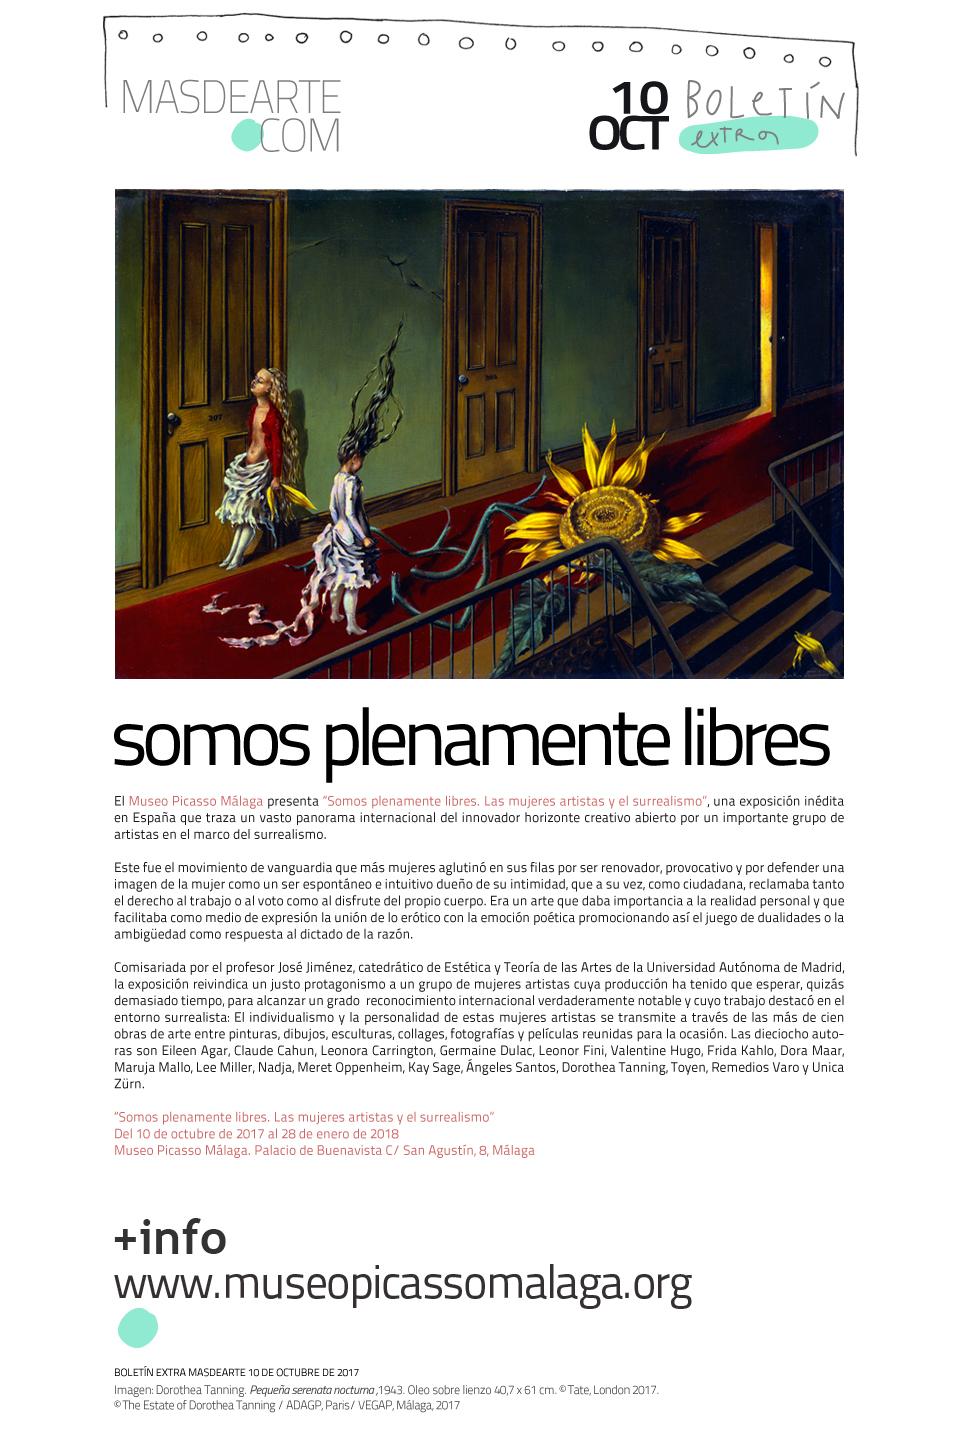 Somos plenamente libres. Las mujeres artistas y el surrealismo. Museo Picasso Málaga 10 Oct. 2017 28 Ene. 2018